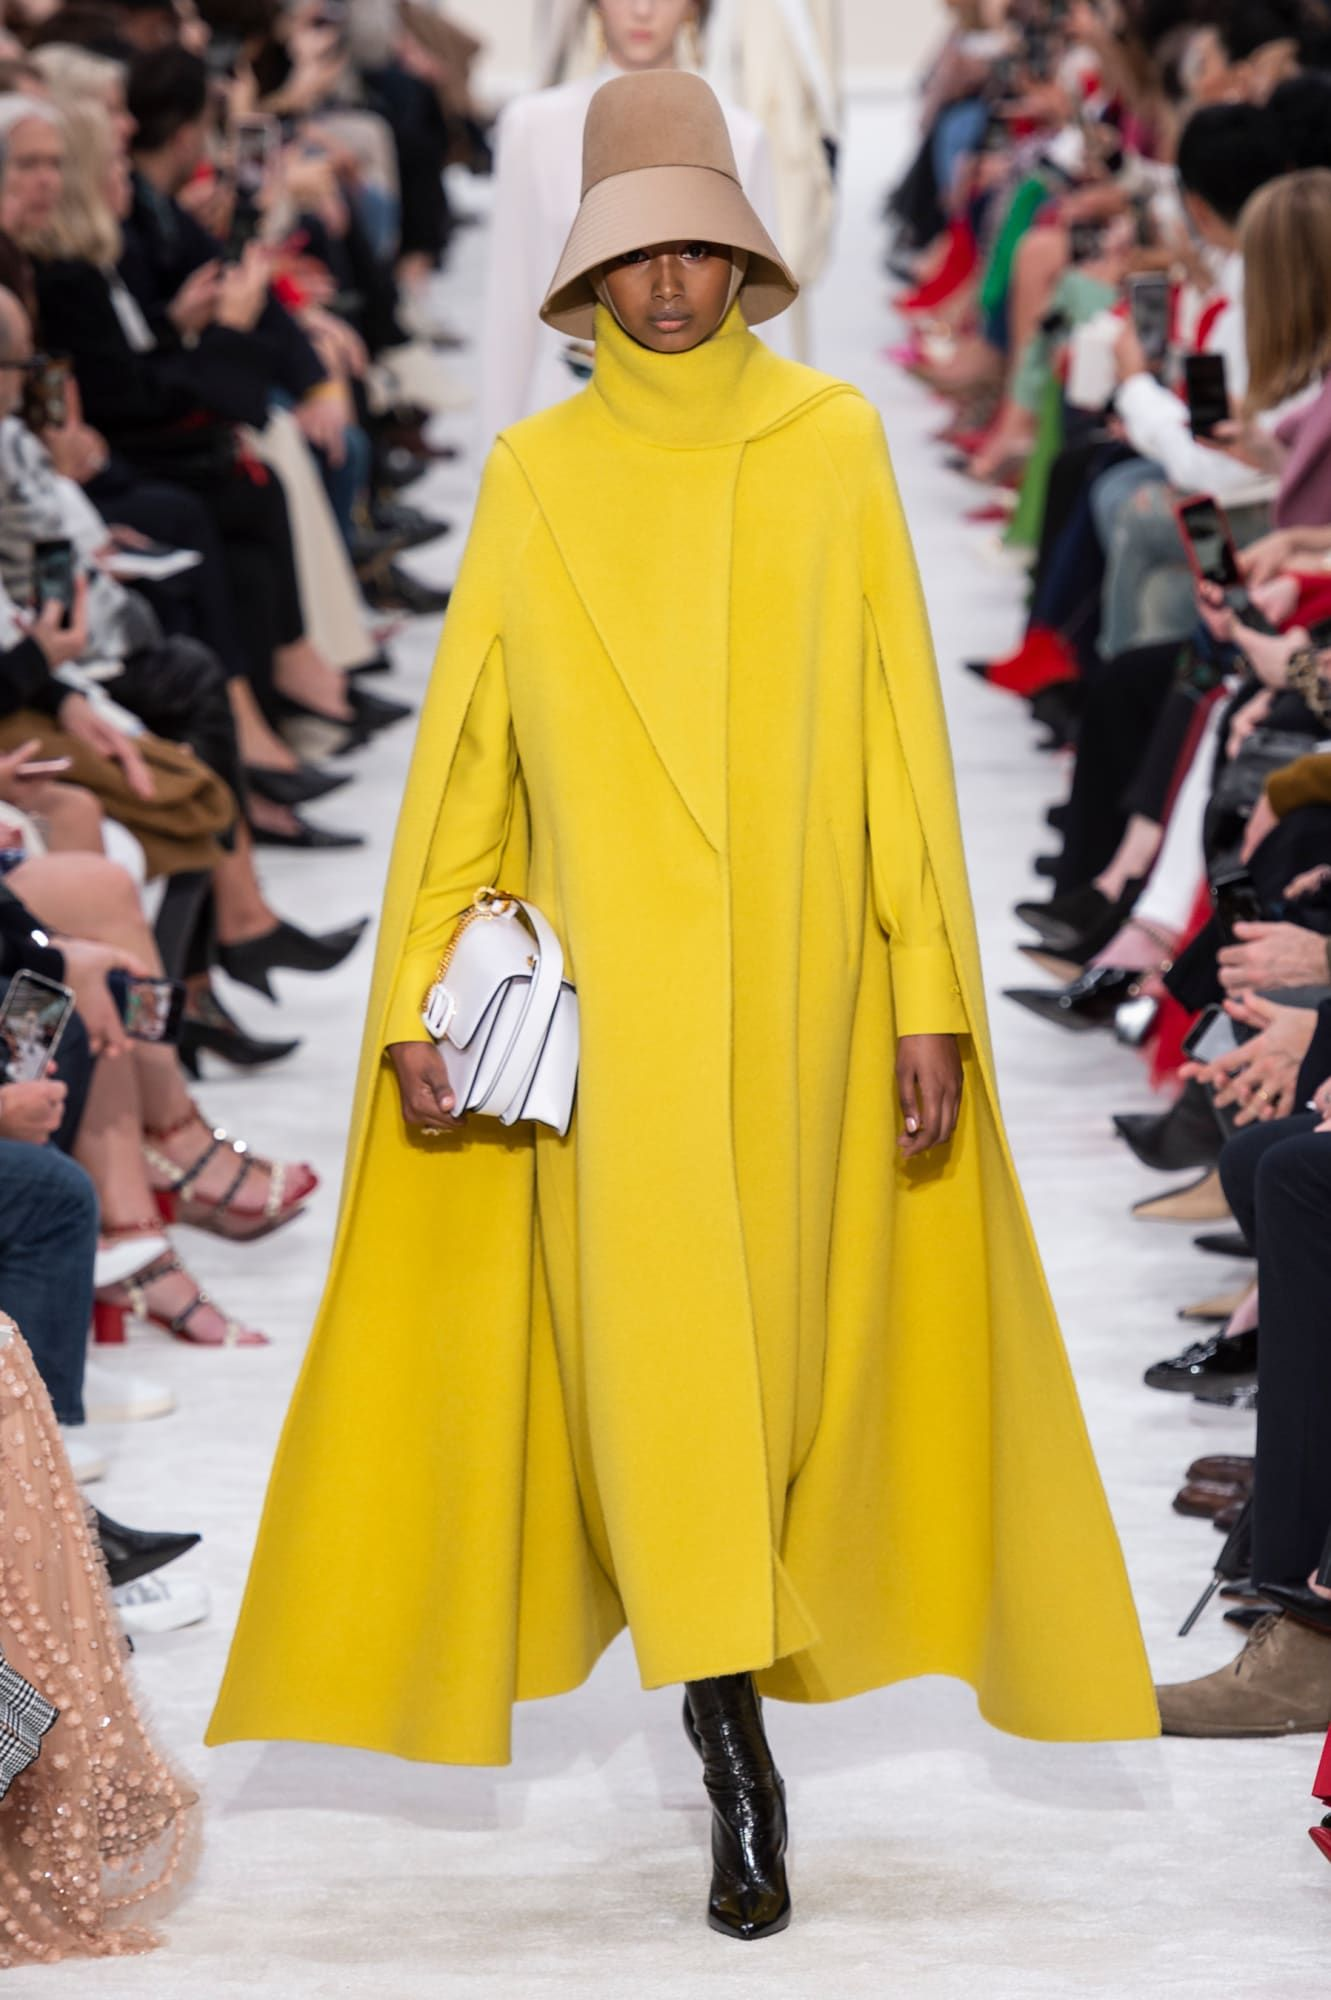 fotos de tendencias look invierno 2019, capa larga en color amarillo vibrante, capas maxy y abrigos 2019 2020, botas negras y bolso vintage color blanco